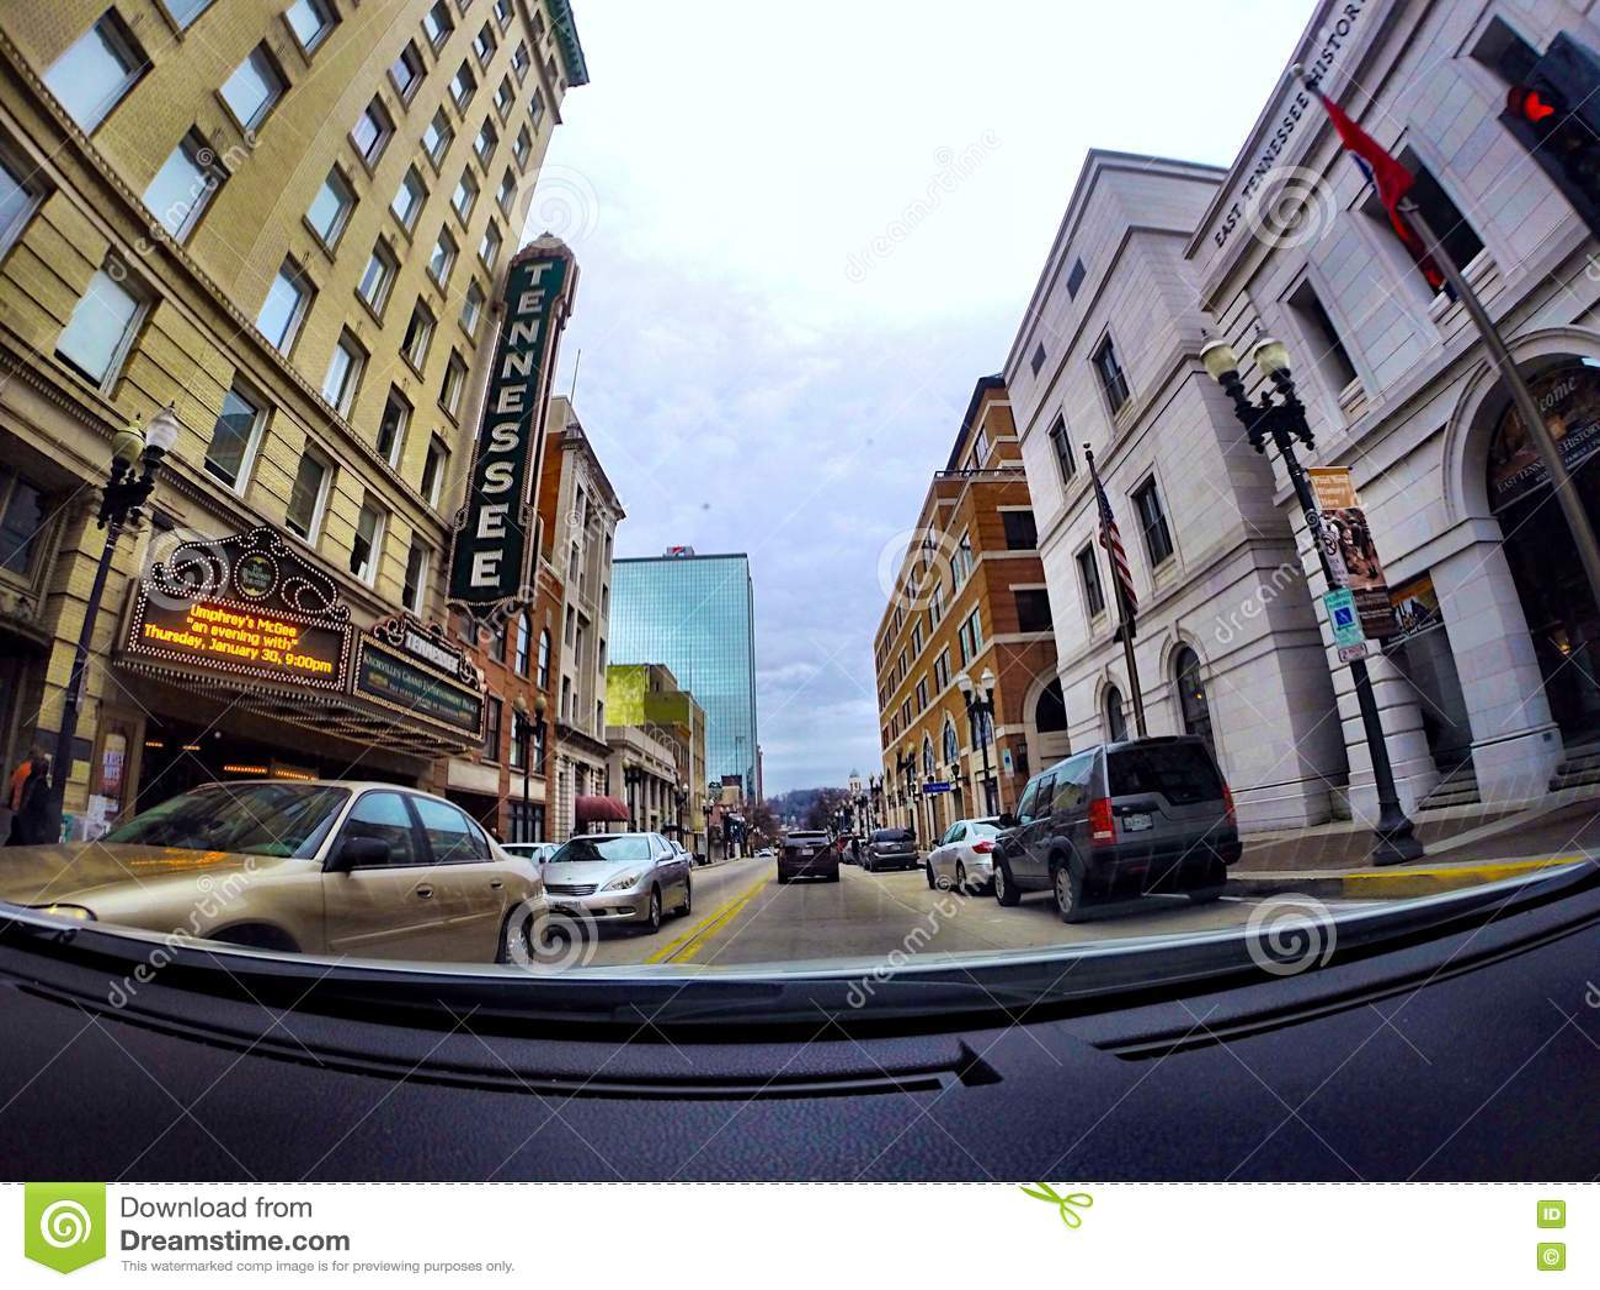 Fahren von im Stadtzentrum gelegenem Knoxville